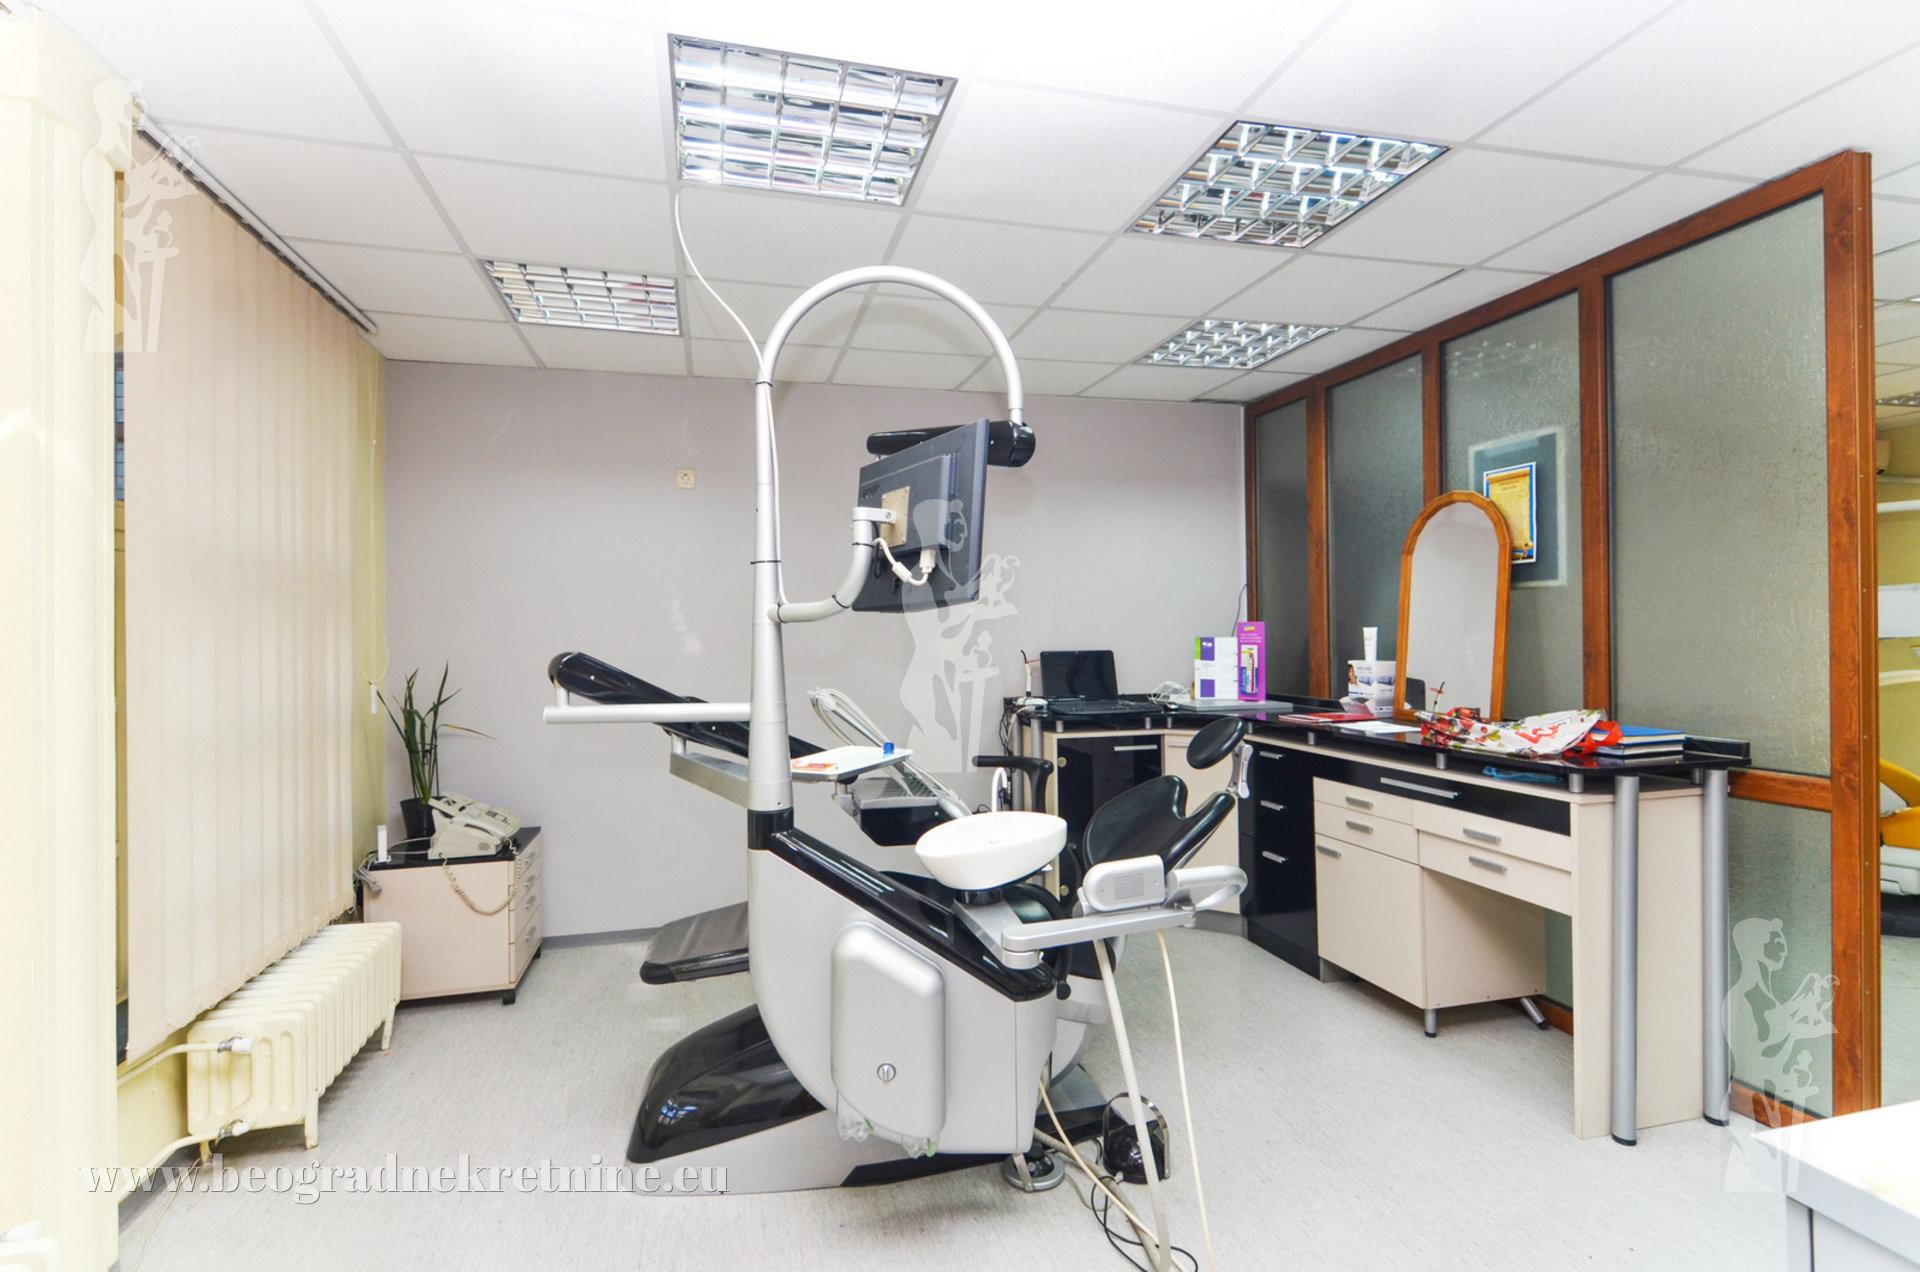 Poslovni prostor 67m2 Novi Beograd ID 2493